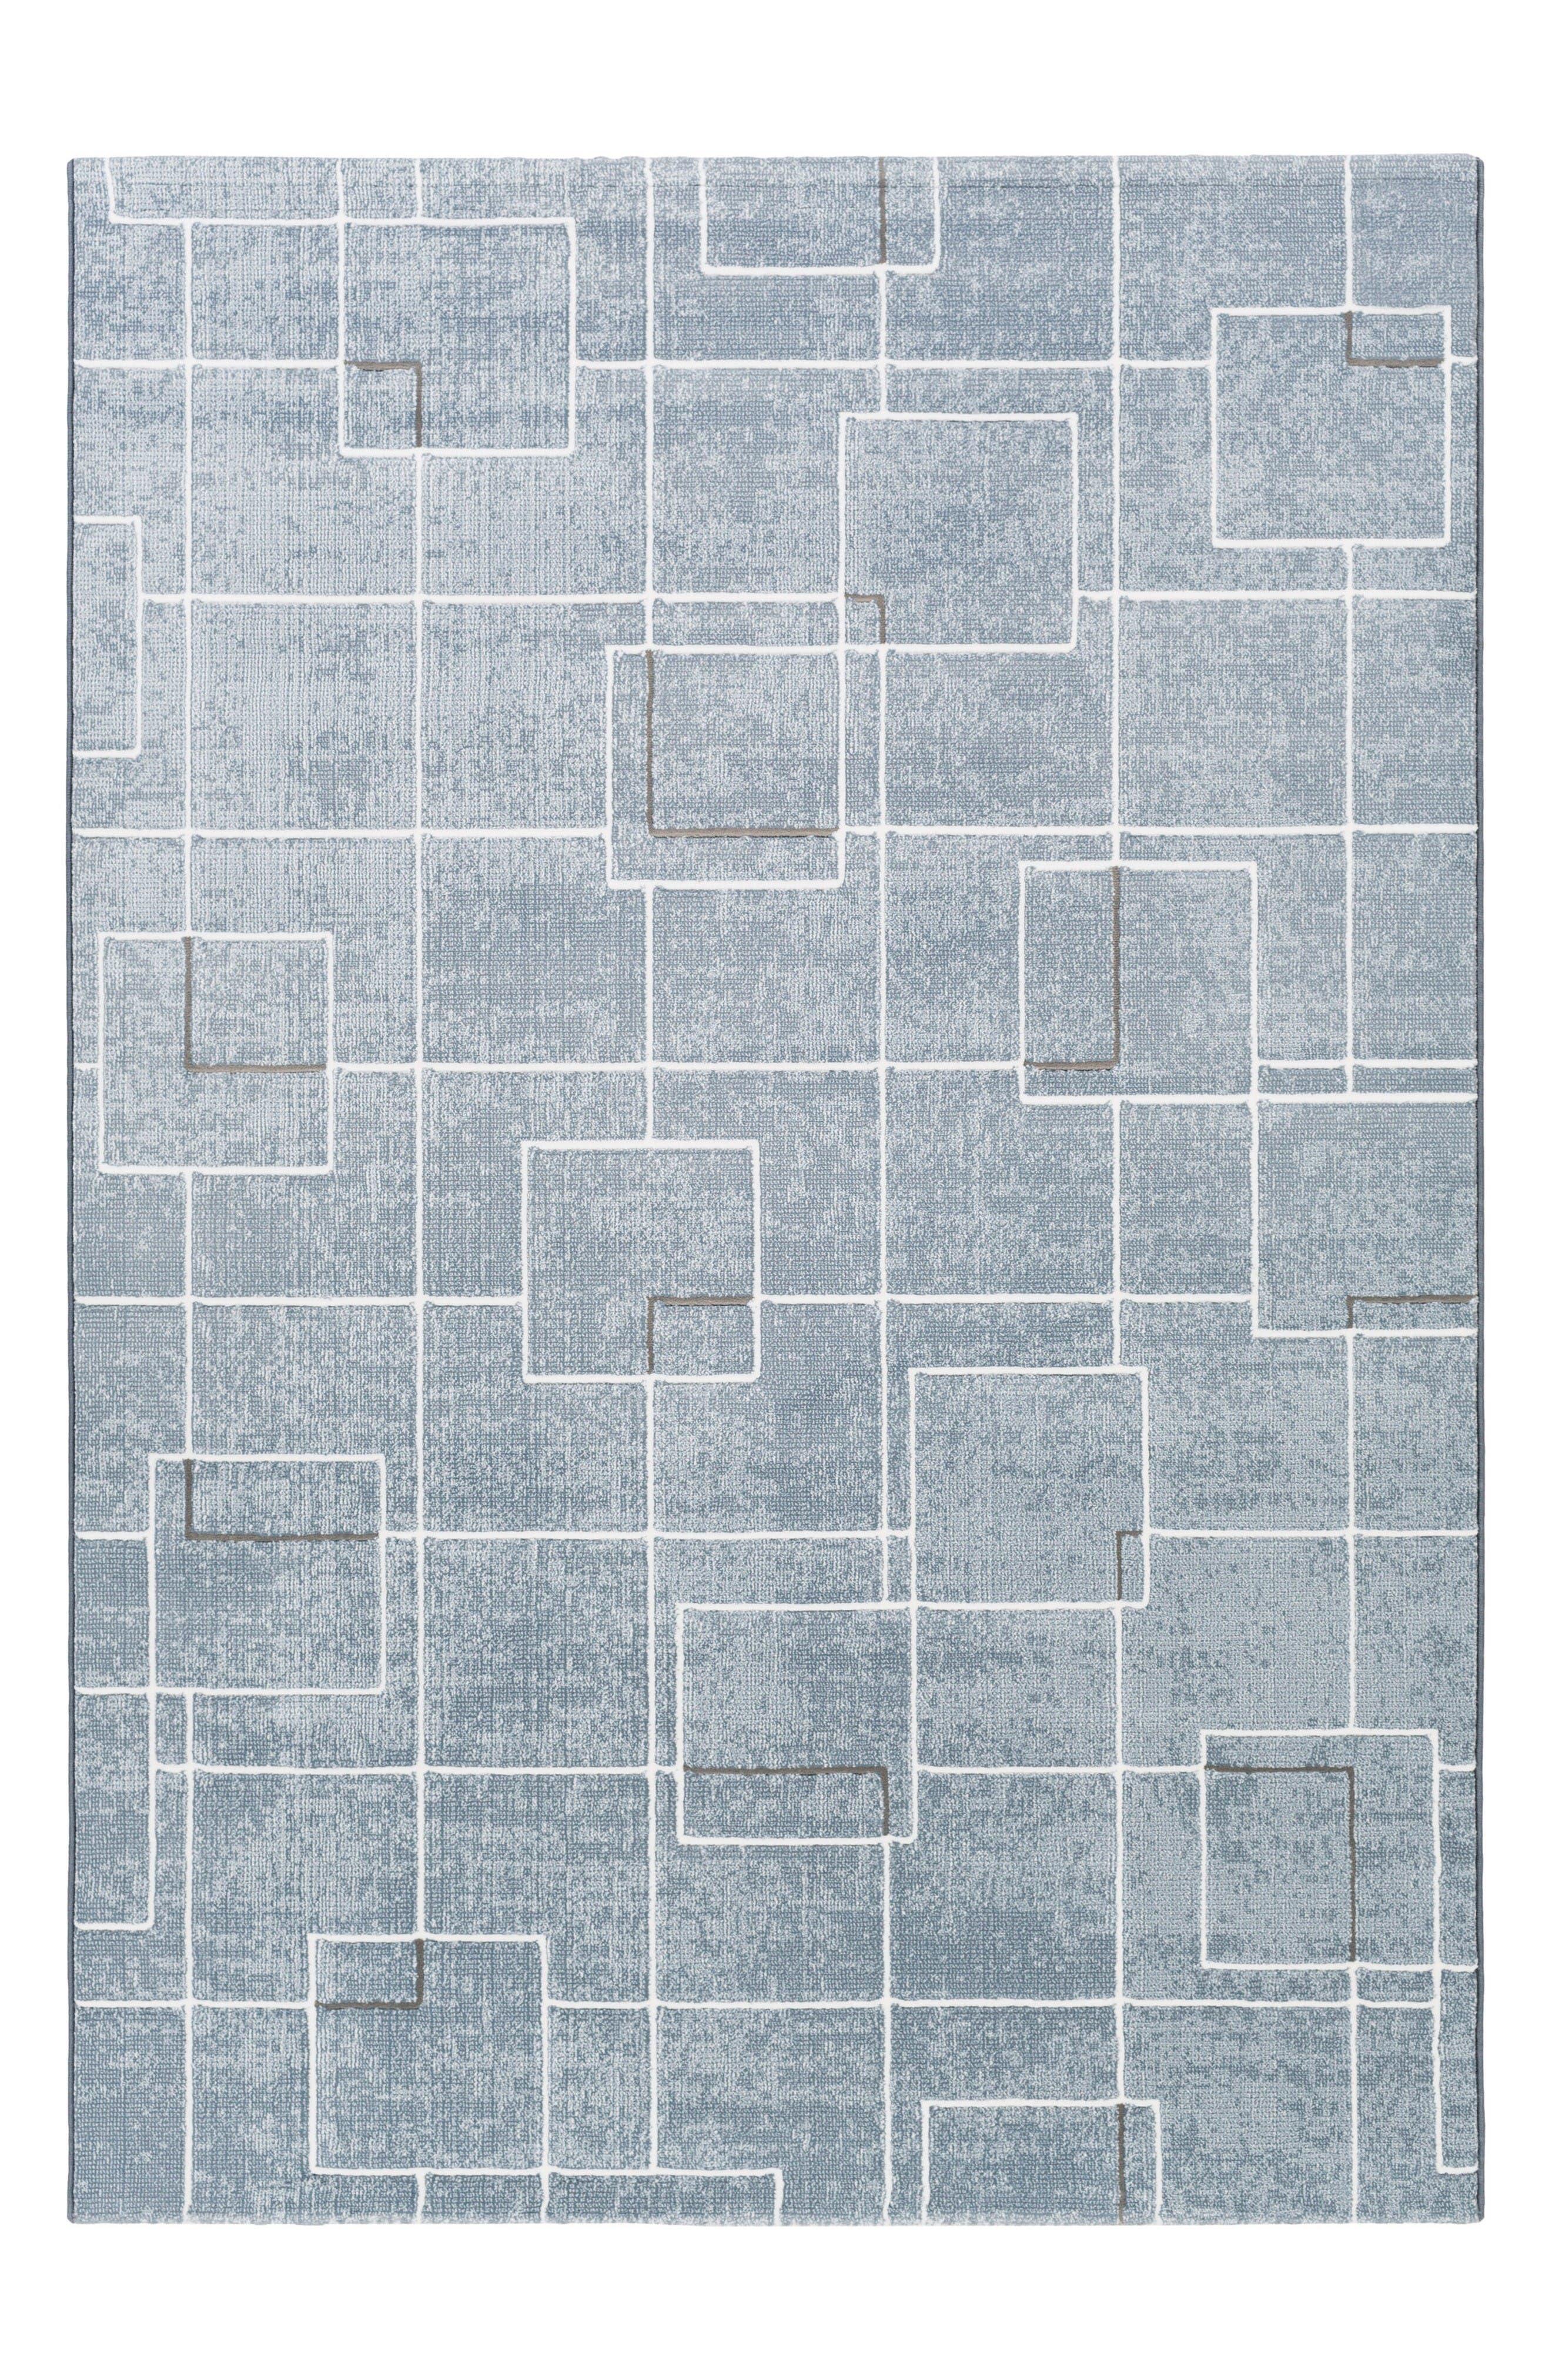 Alternate Image 1 Selected - Surya Home Grid Rug